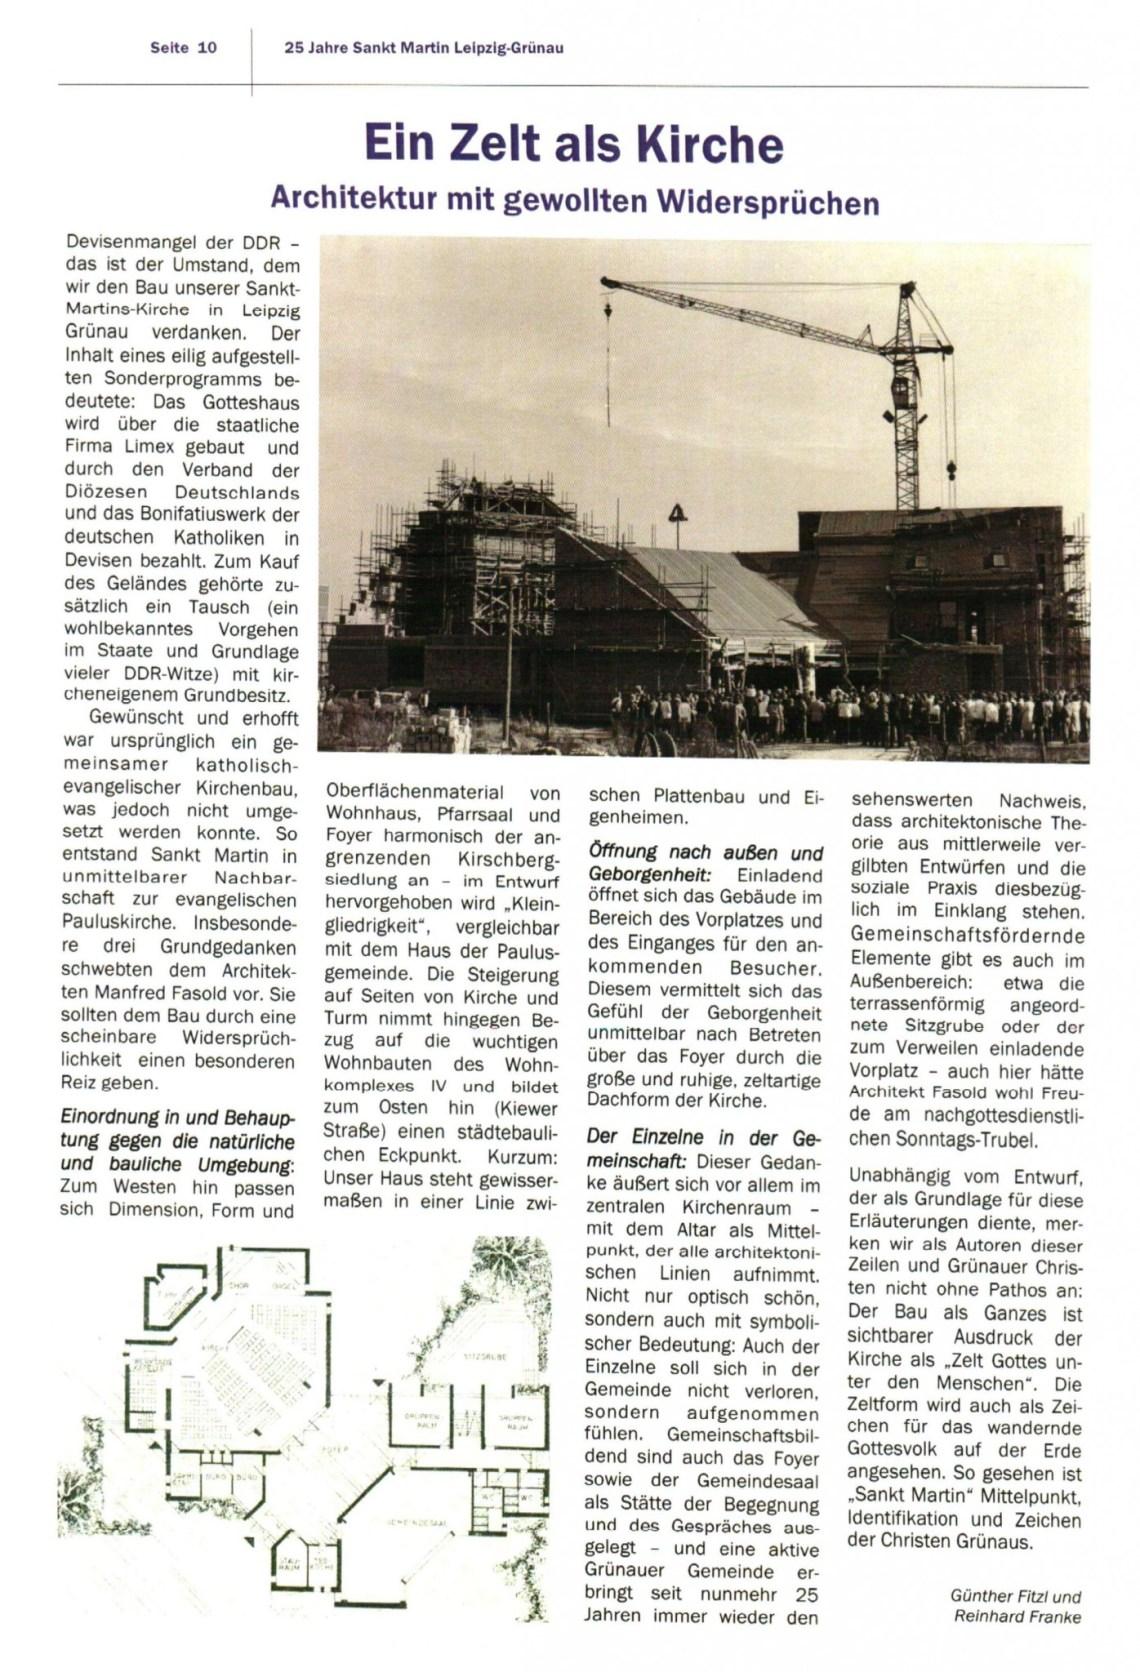 25 Jahre St. Martin, Seite 10 von 12